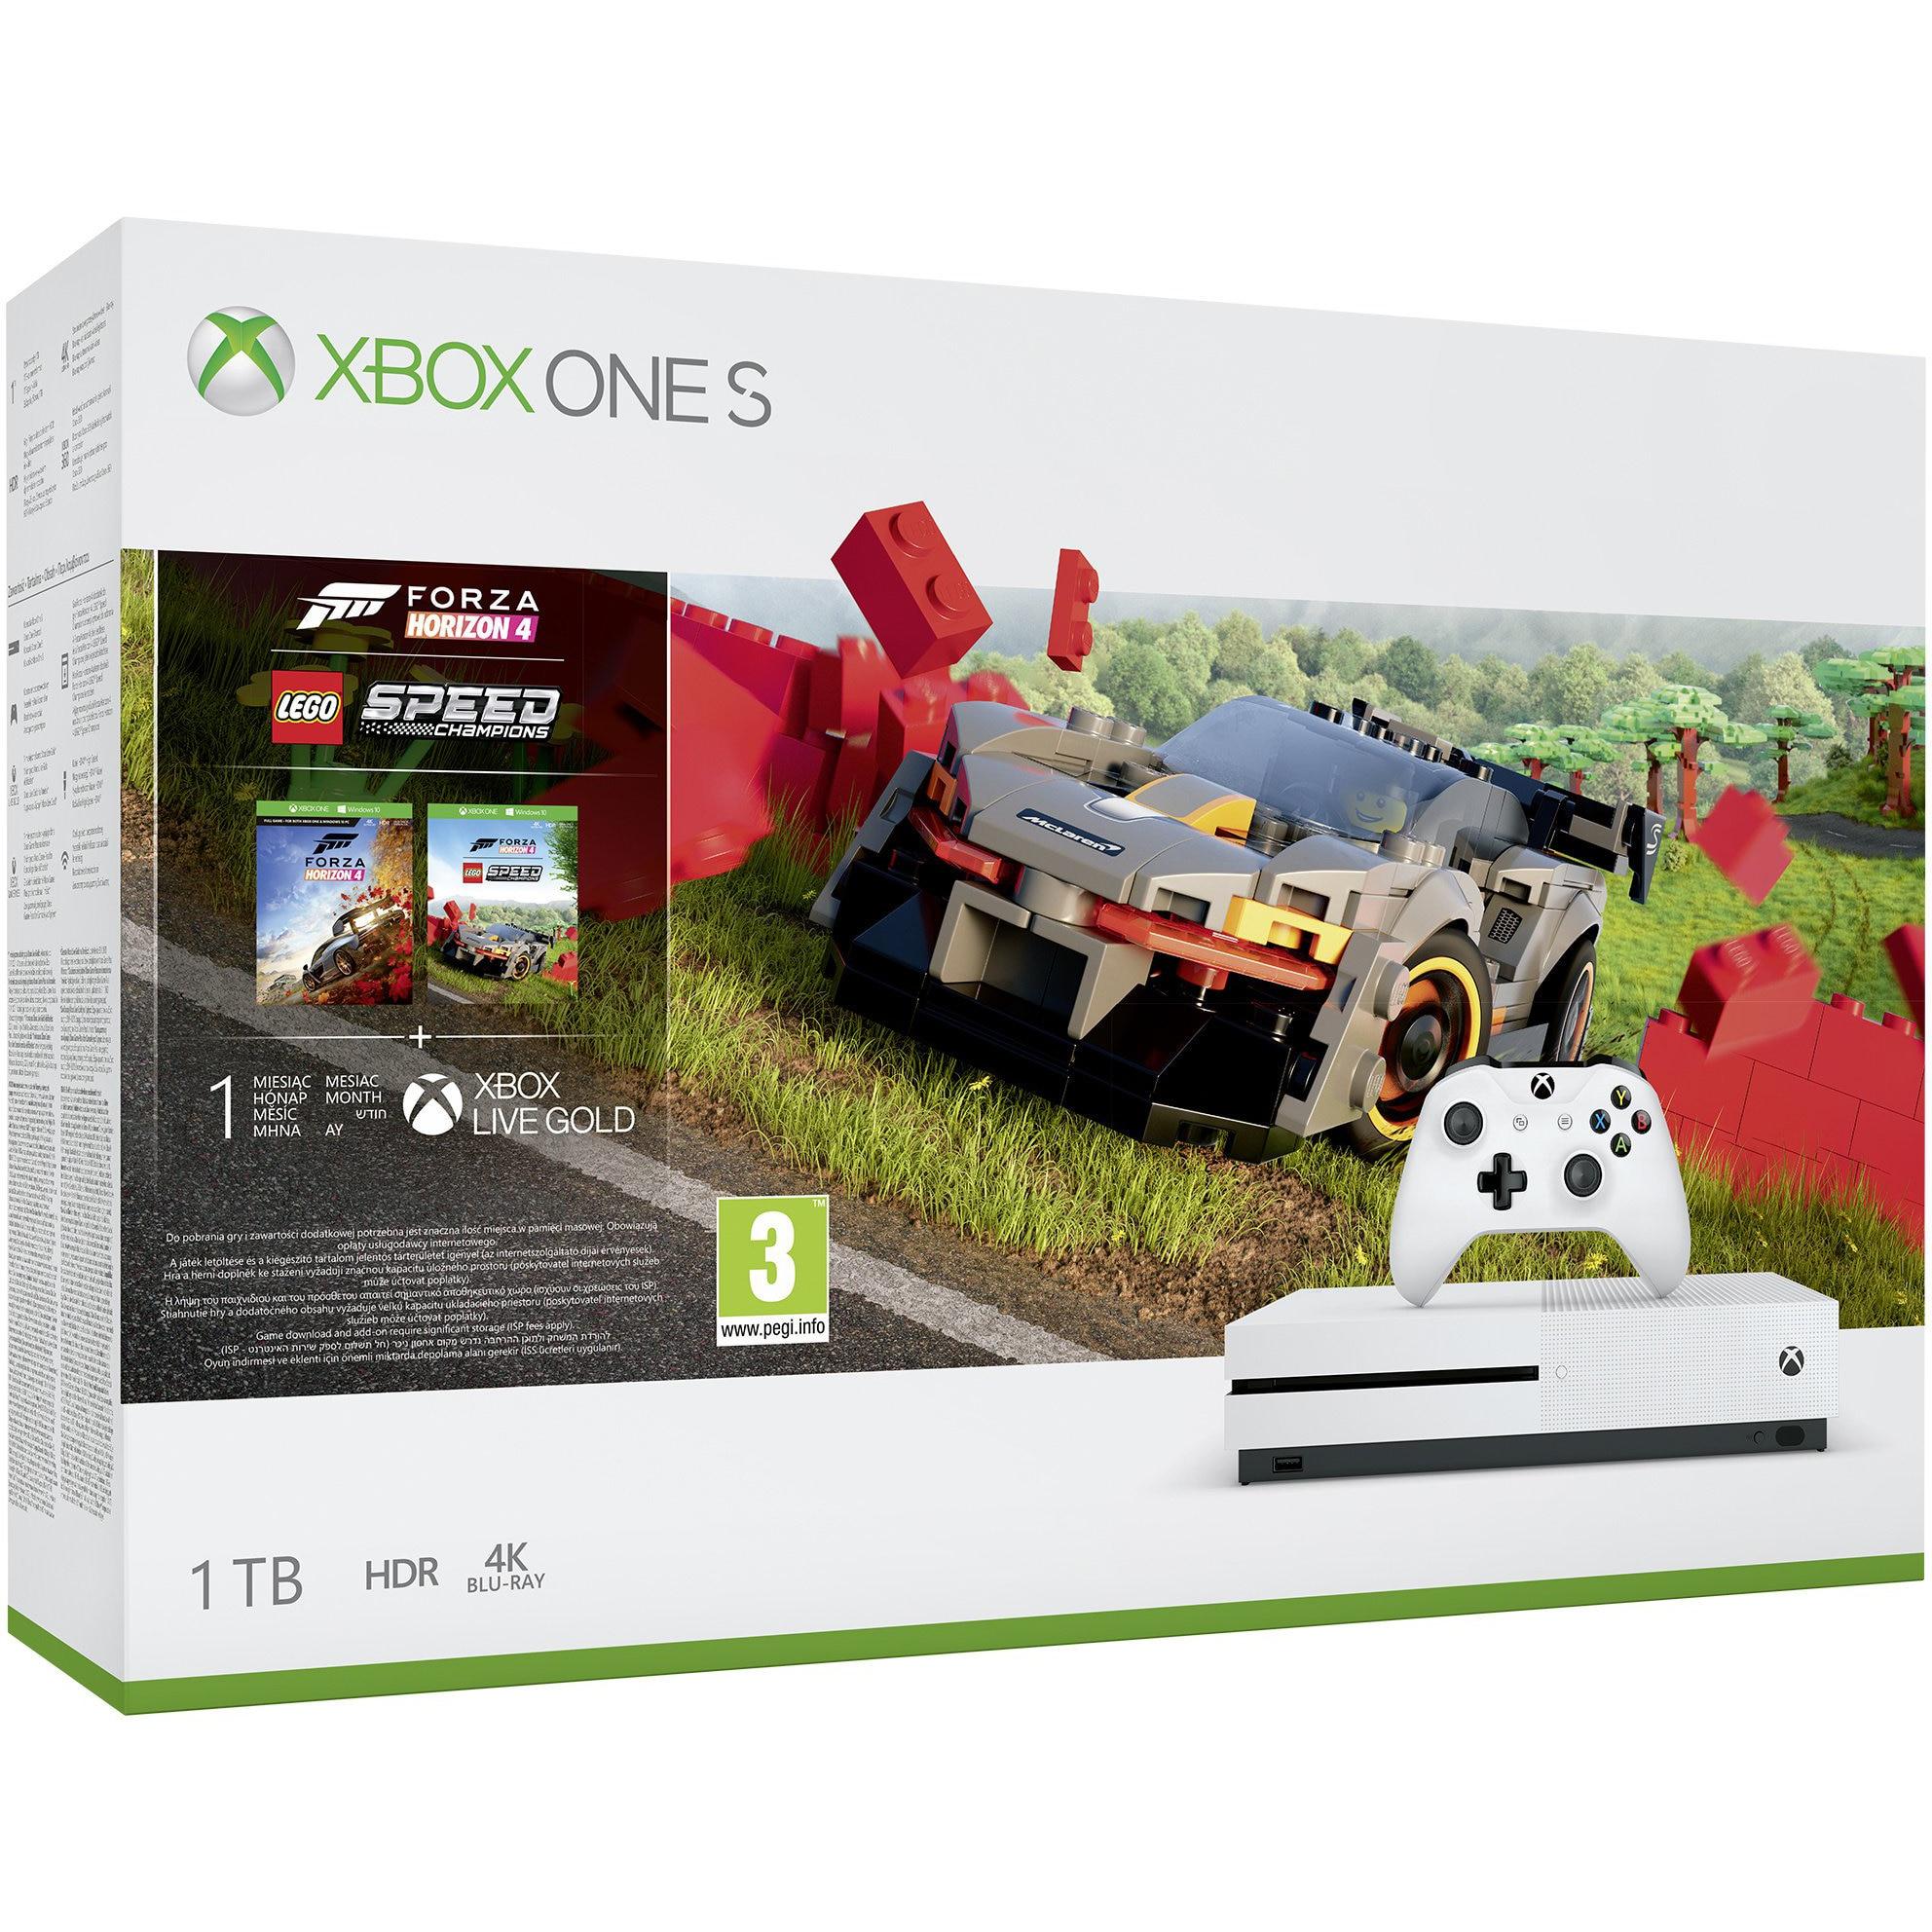 Fotografie Consola Xbox One S 1TB + Forza Horizon 4 + Lego DLC